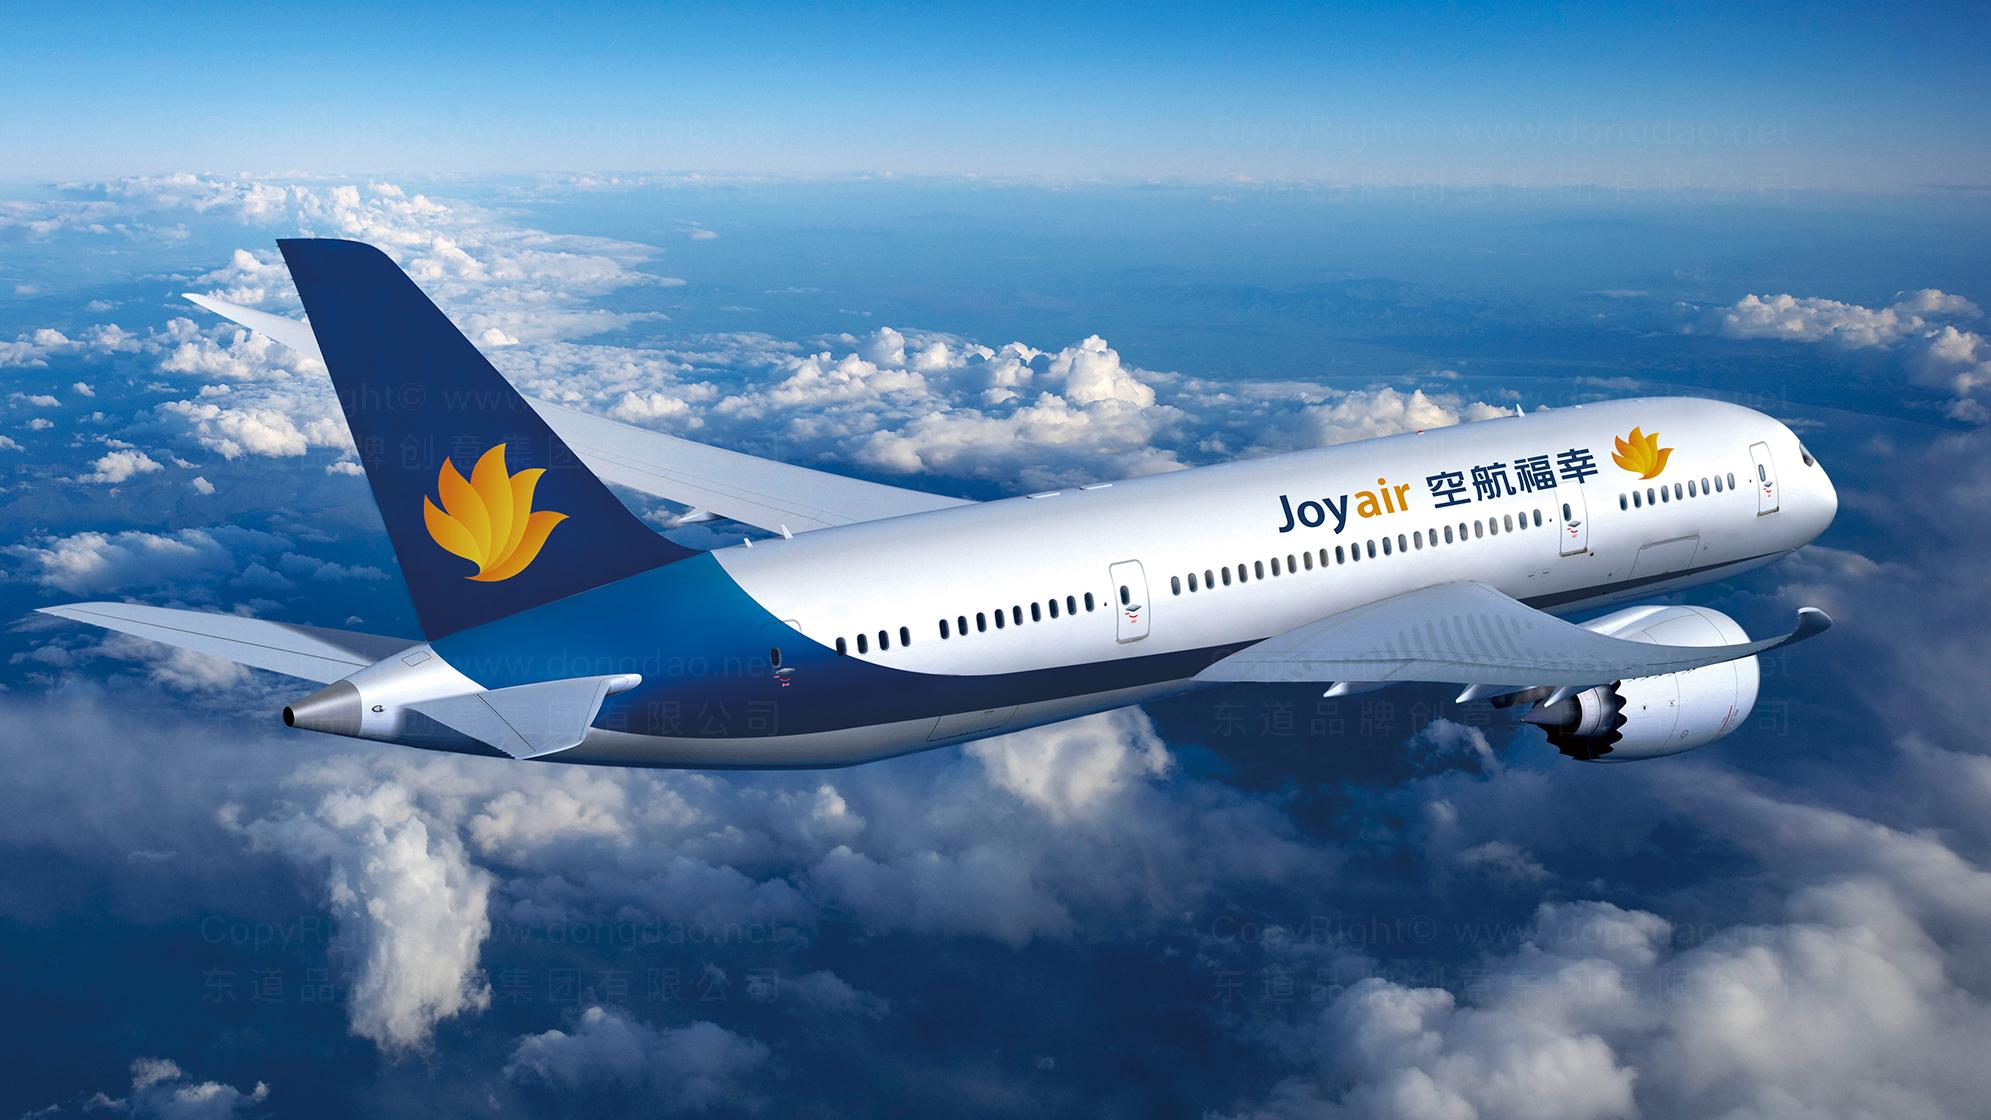 品牌设计案例幸福航空LOGO&VI设计